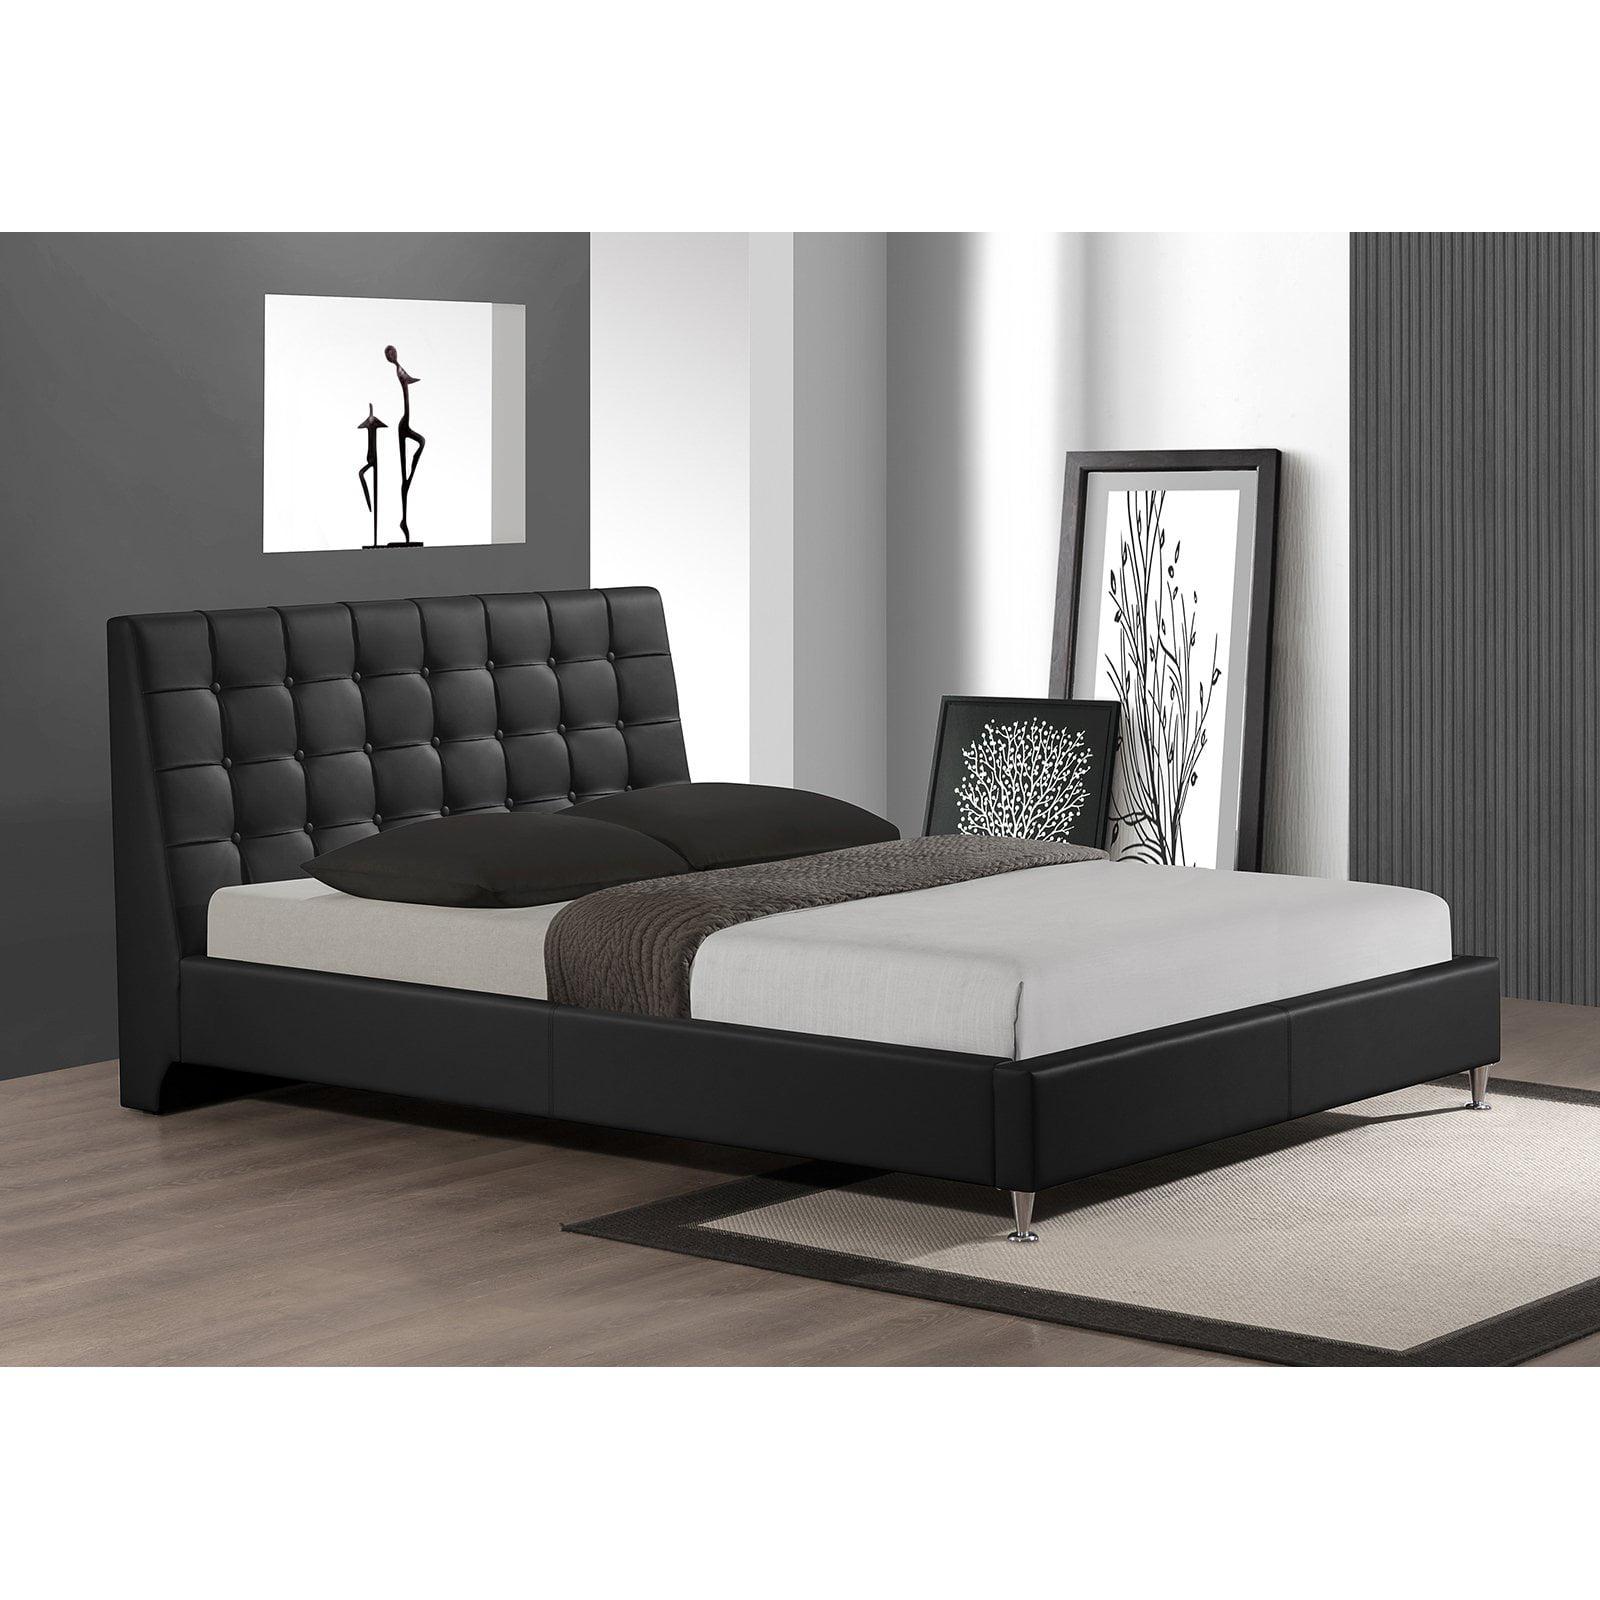 Baxton Studio Zeller Upholstered Platform Bed Walmart